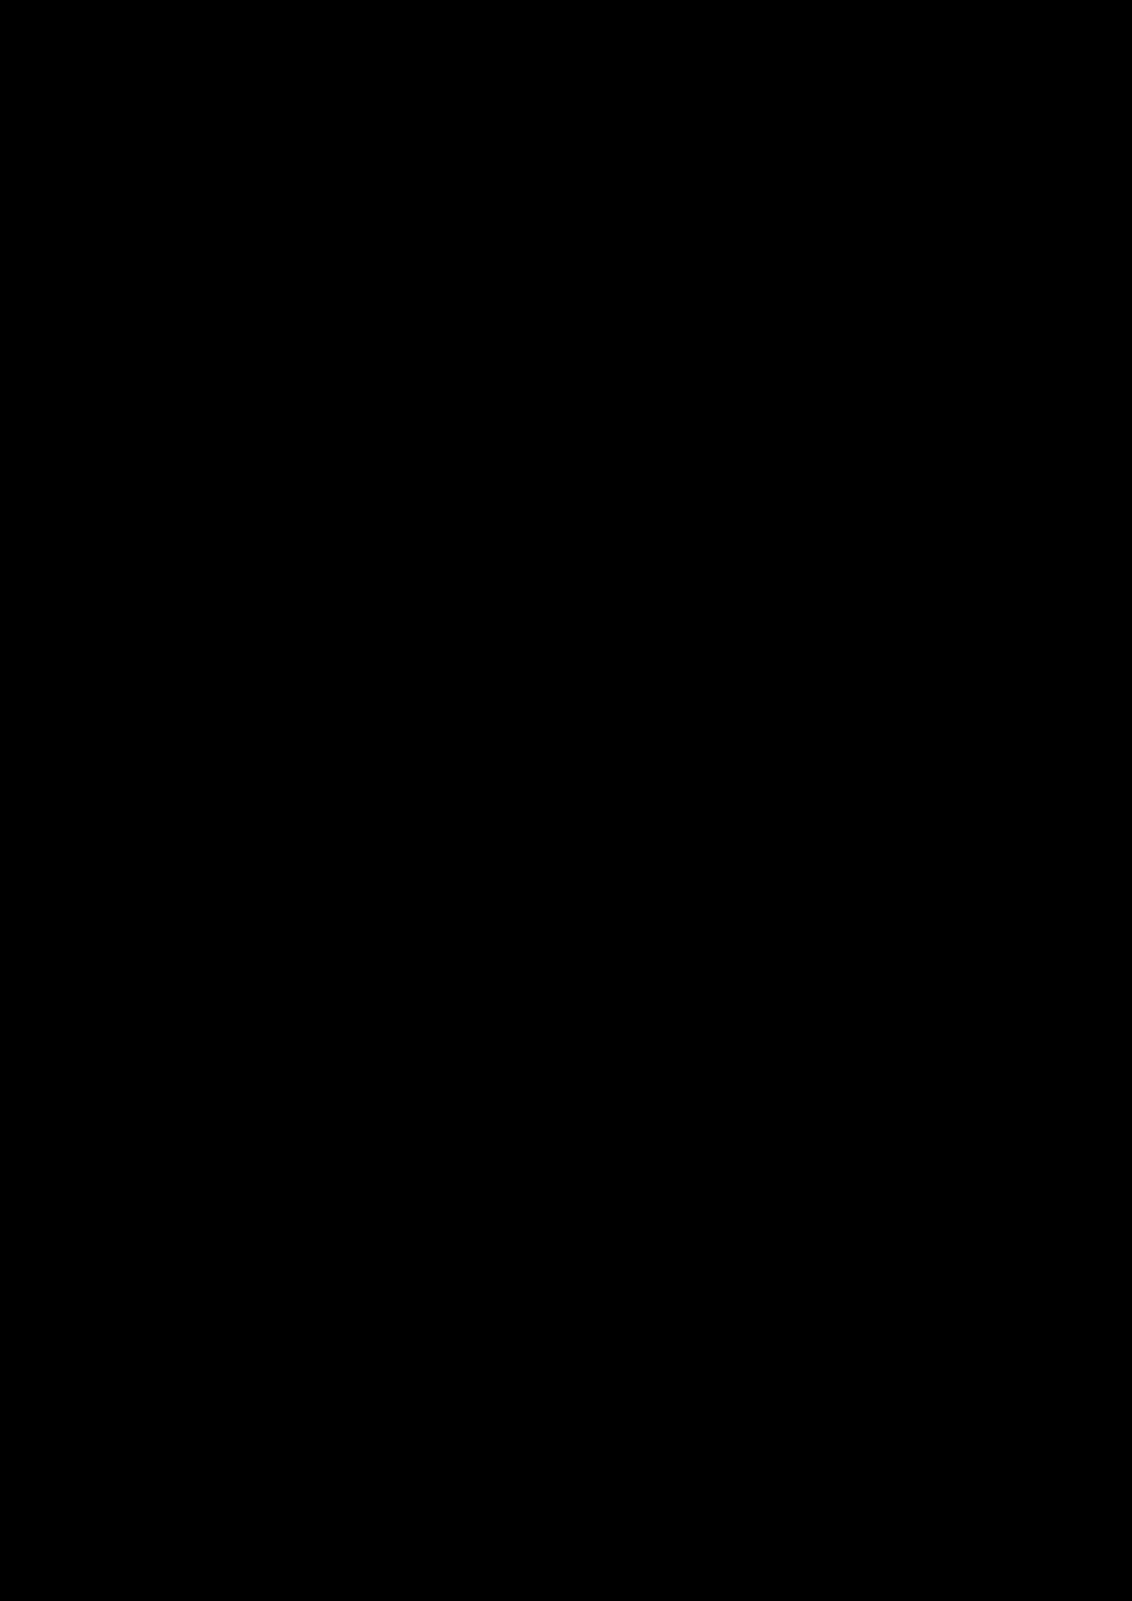 Proschanie s volshebnoy stranoy slide, Image 26